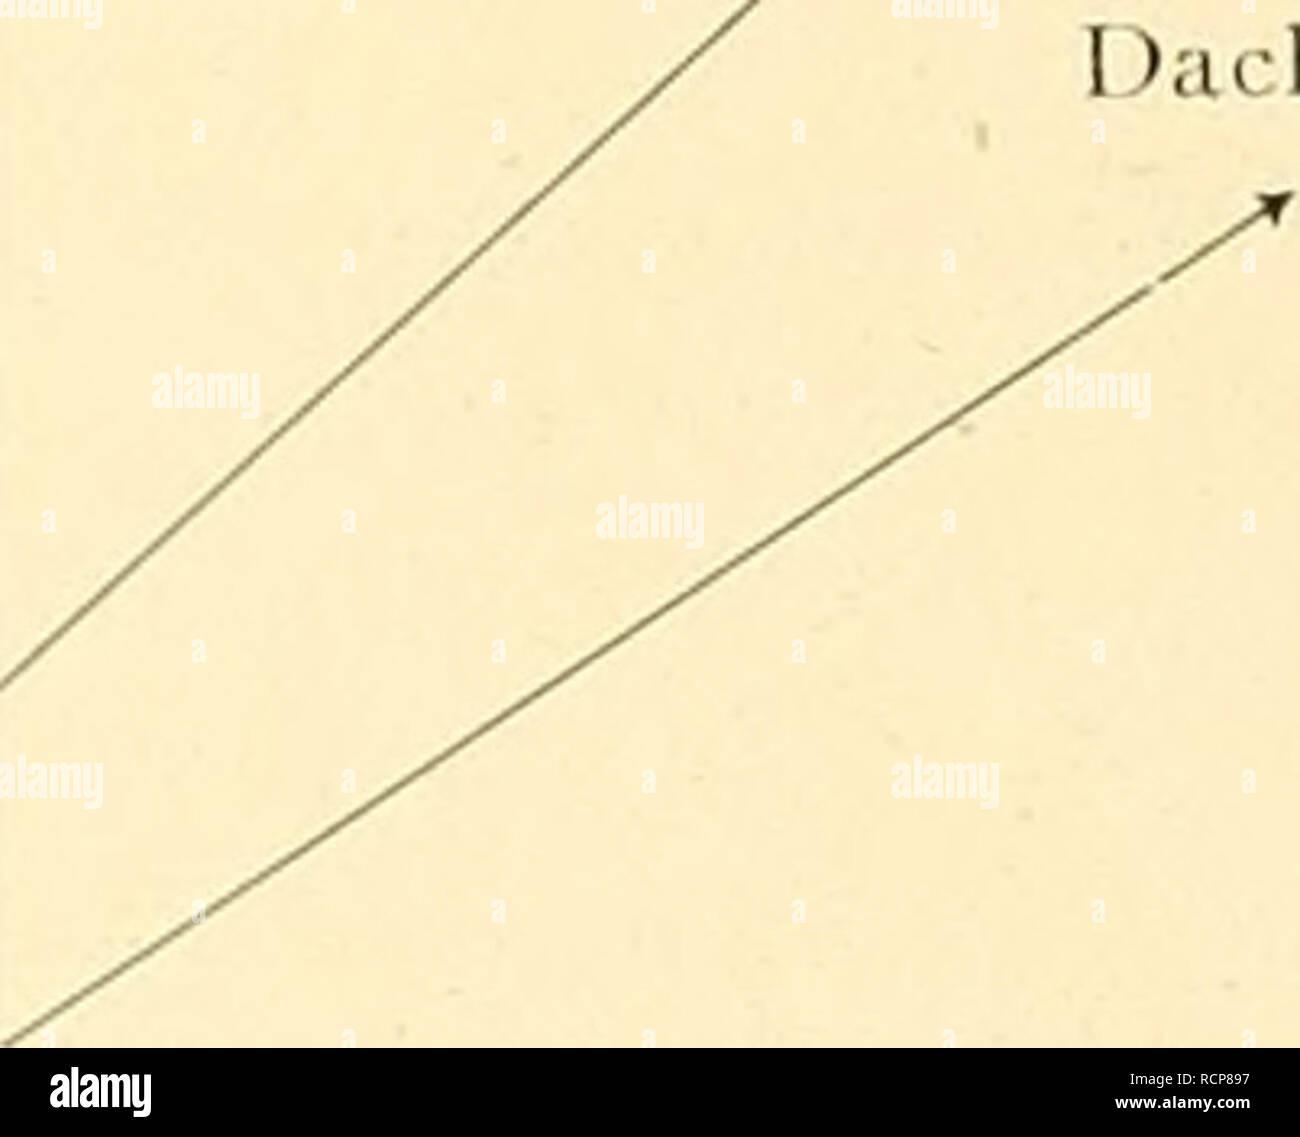 . Die Abstammung der ältesten Haustiere ... Domestic animals. Windspiele Haussa- lajrdhund Sudanhund Altägypt. Jagd« indliund /. Altägyptisclier Windliund Cauis s/wr//s/s (Aelteste Domestiliation in Aethiopien.) DIE ABSTAMMUNG DER DOGGEN-GRUPPE. Die Familie der Doggen bildet das reine Gegenstück zur vorigen (jruppe der Windhunde, indem sie fast durchweg grosse, schwere, muskelkrättige Haushunde umfasst, deren pschischer Charakter durch grosse Anhänglichkeit an den Besitzer einerseits, durch stark agressives Wesen dem Gegner gegen- über anderseits eine scharf ausgesprochene Nuance erhält. Der  - Stock Image